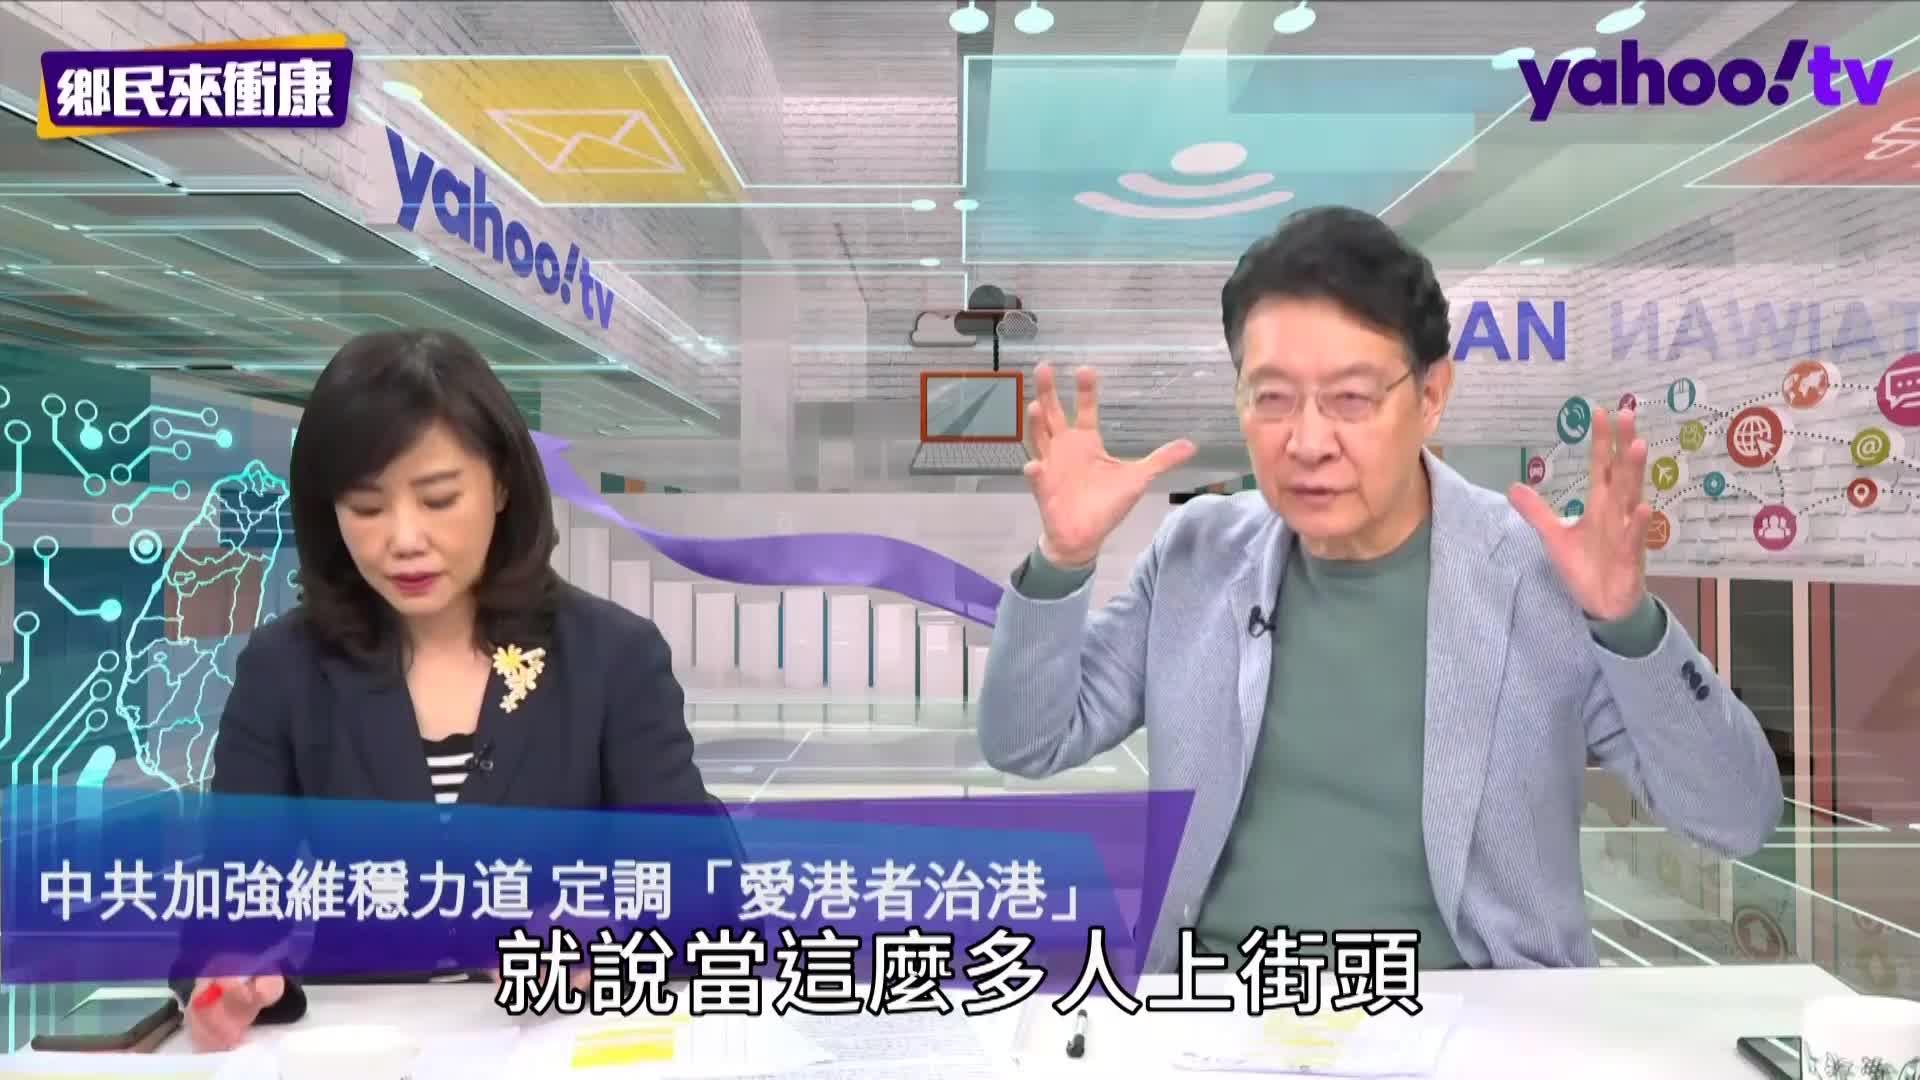 北京應重視香港民意 趙少康:民主跟愛國有衝突嗎